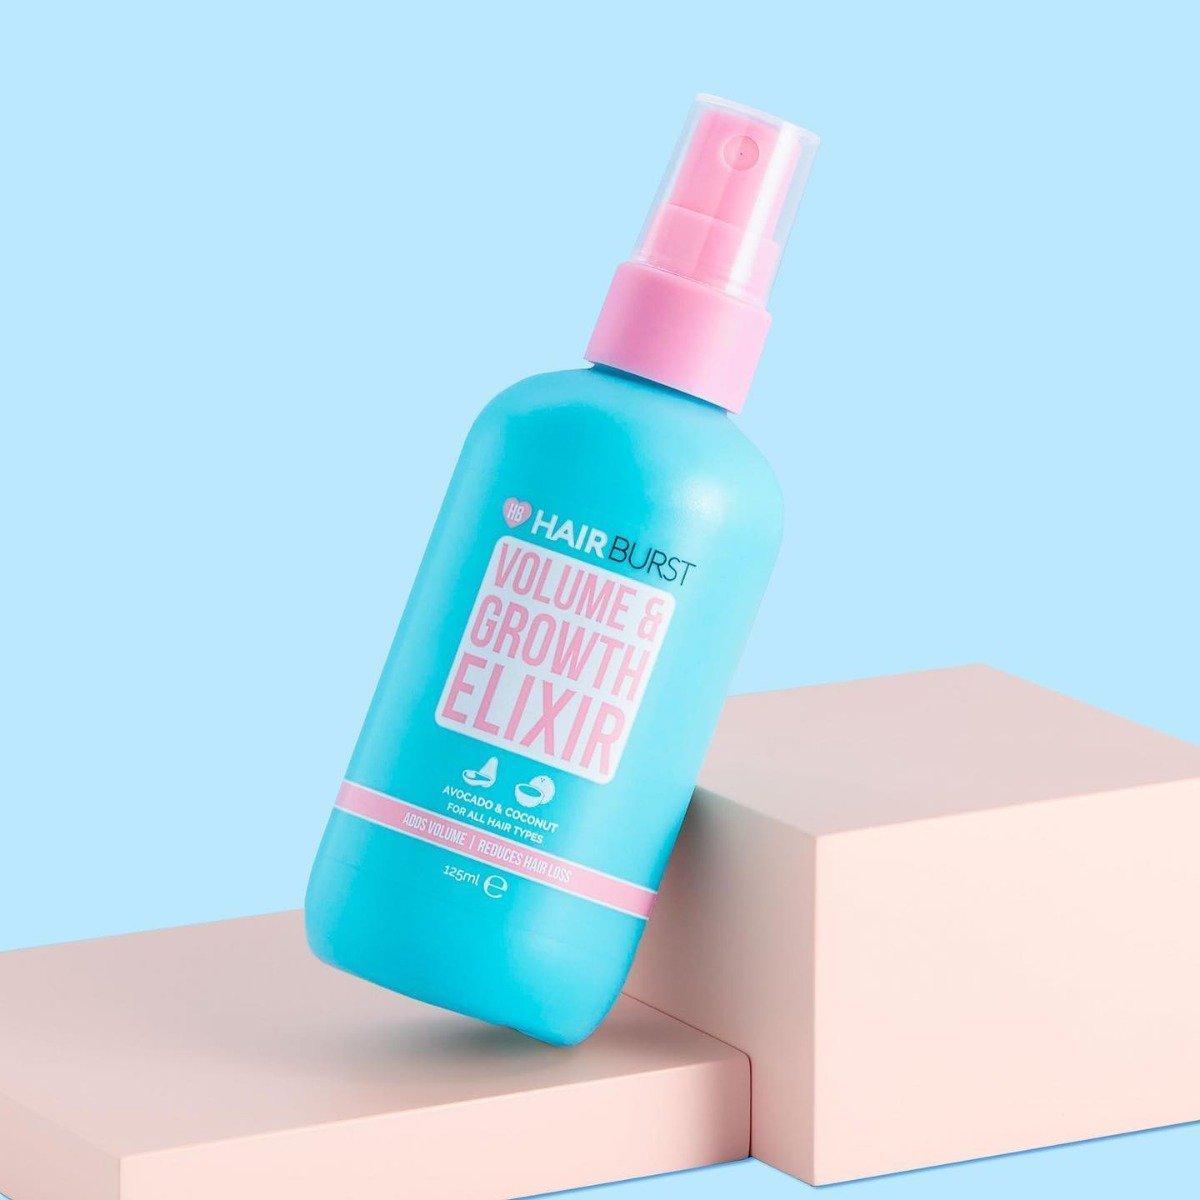 Xịt dưỡng tóc Hairburst Volume & Growth Elixir sẽ giúp mái tóc bạn thêm bồng bềnh (Nguồn: Internet)